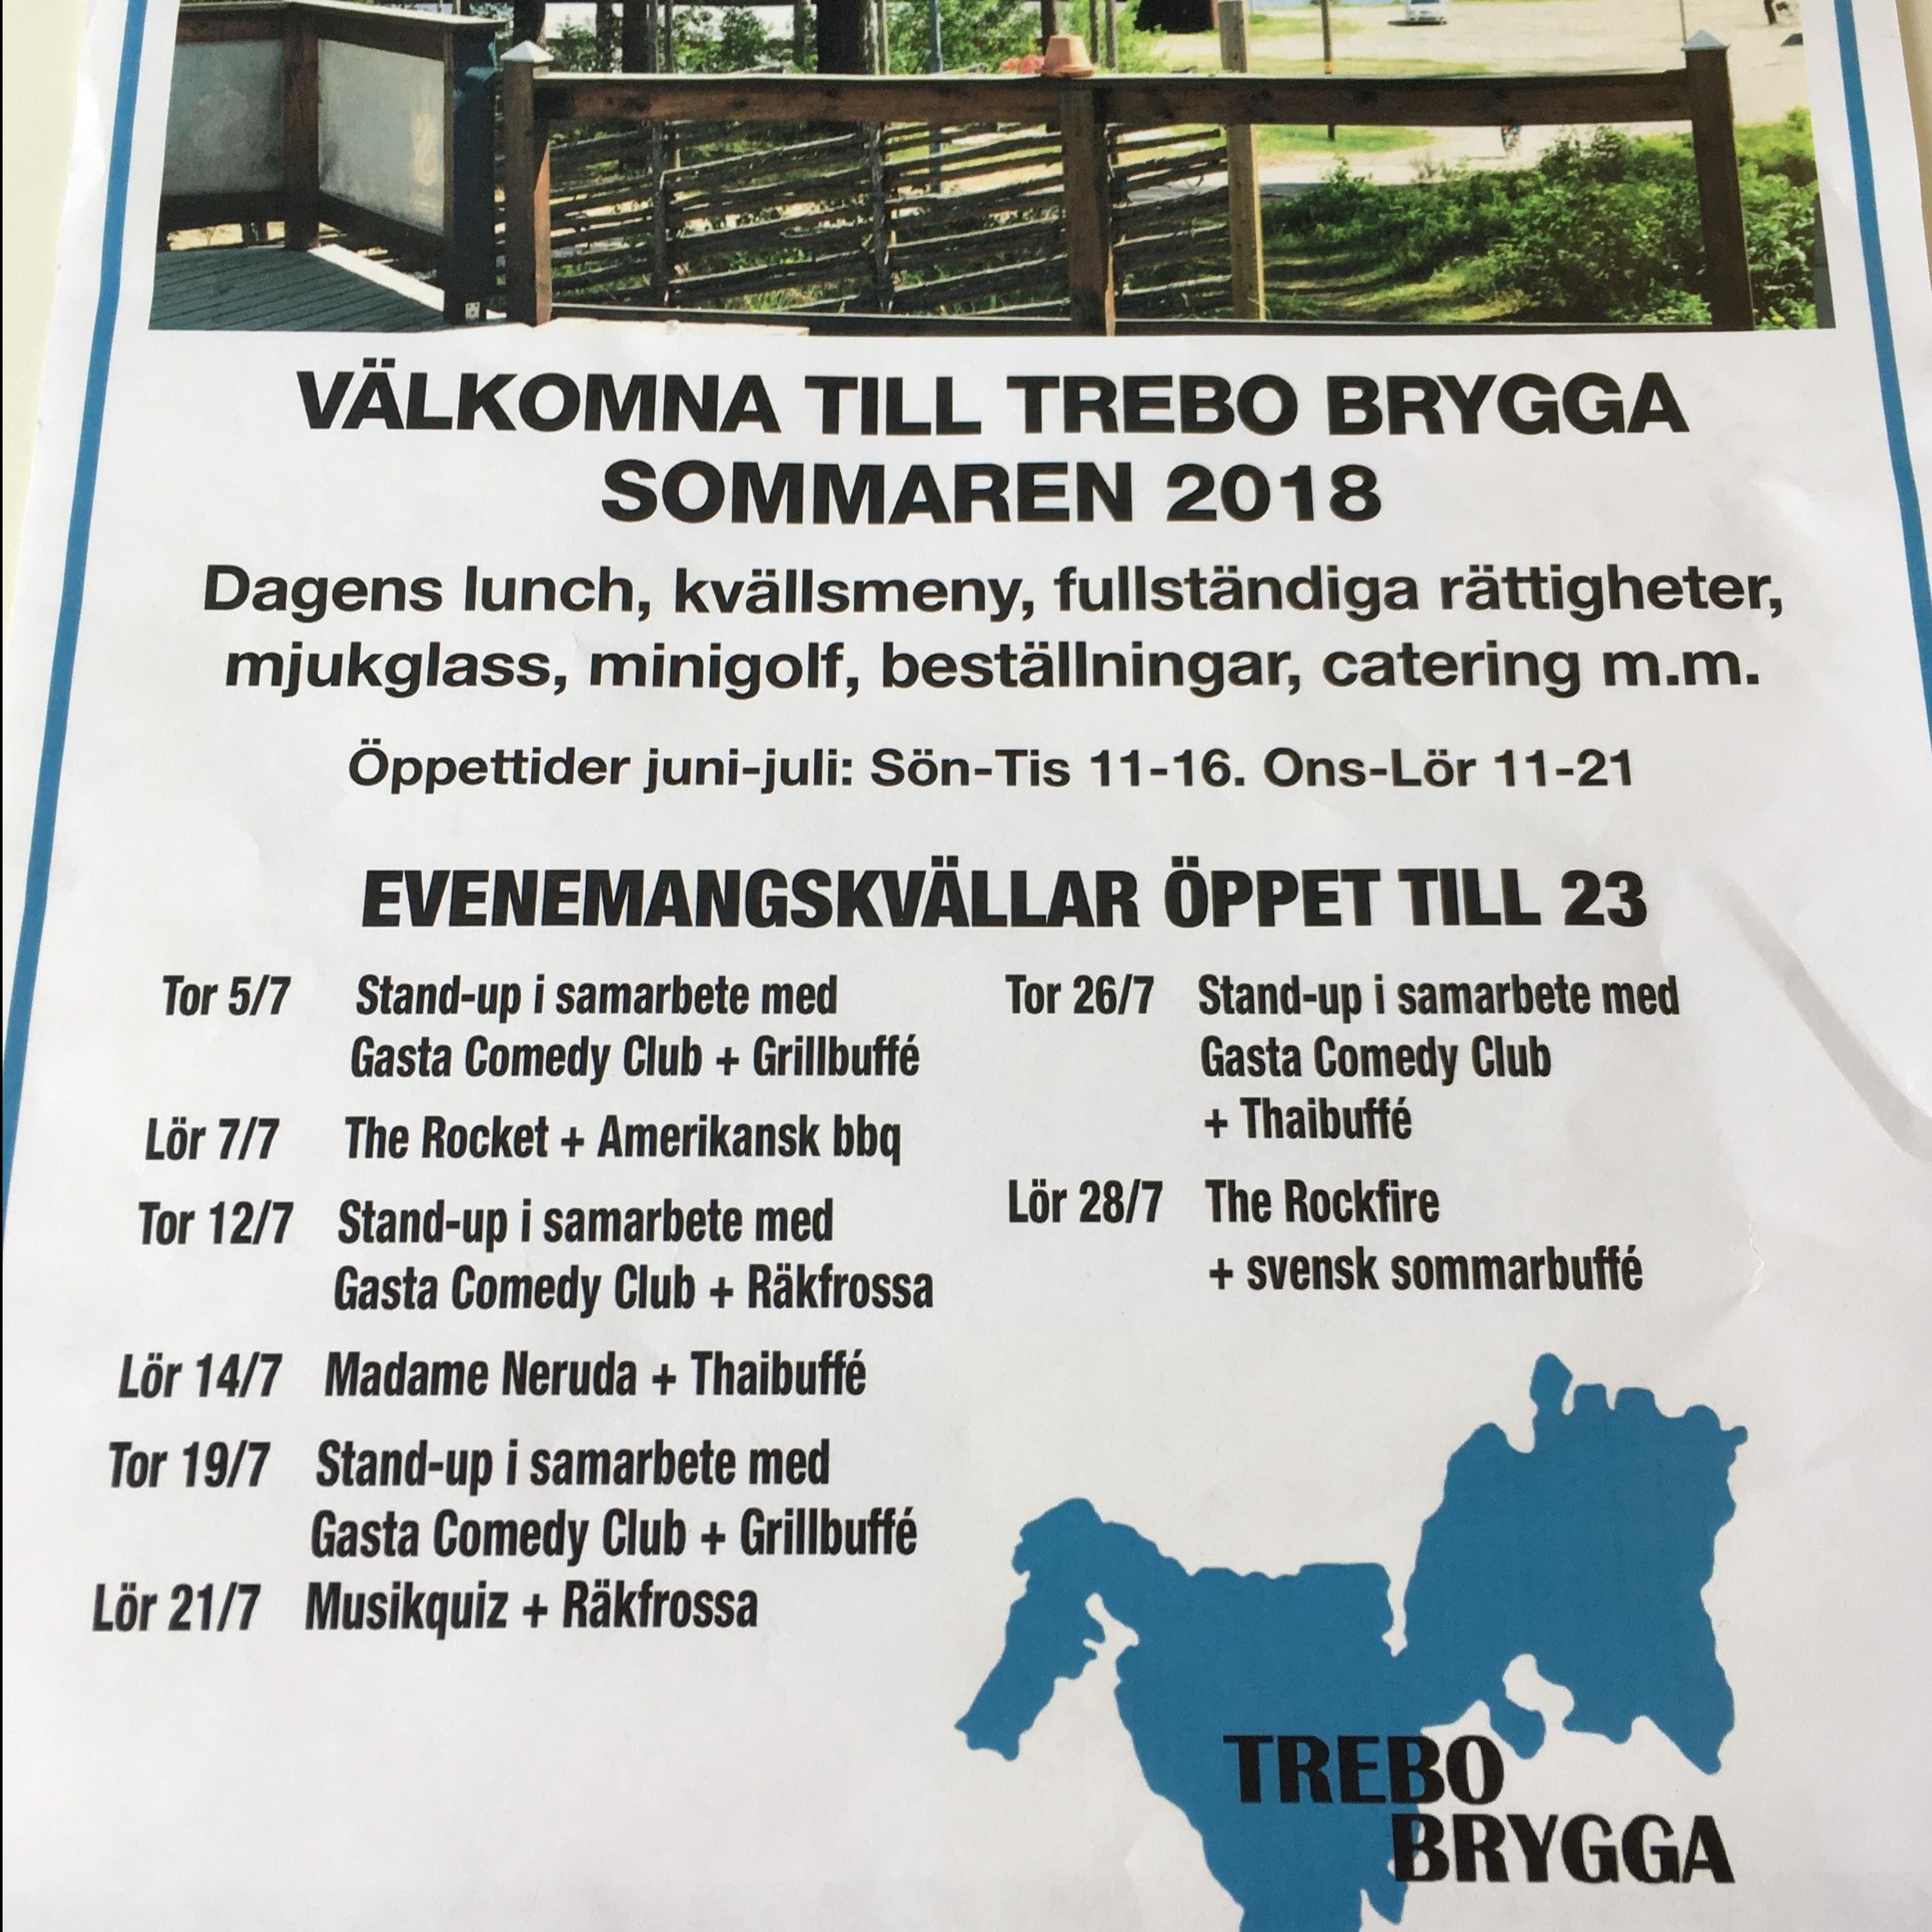 Stand-up på Trebo brygga med Thaibuffé